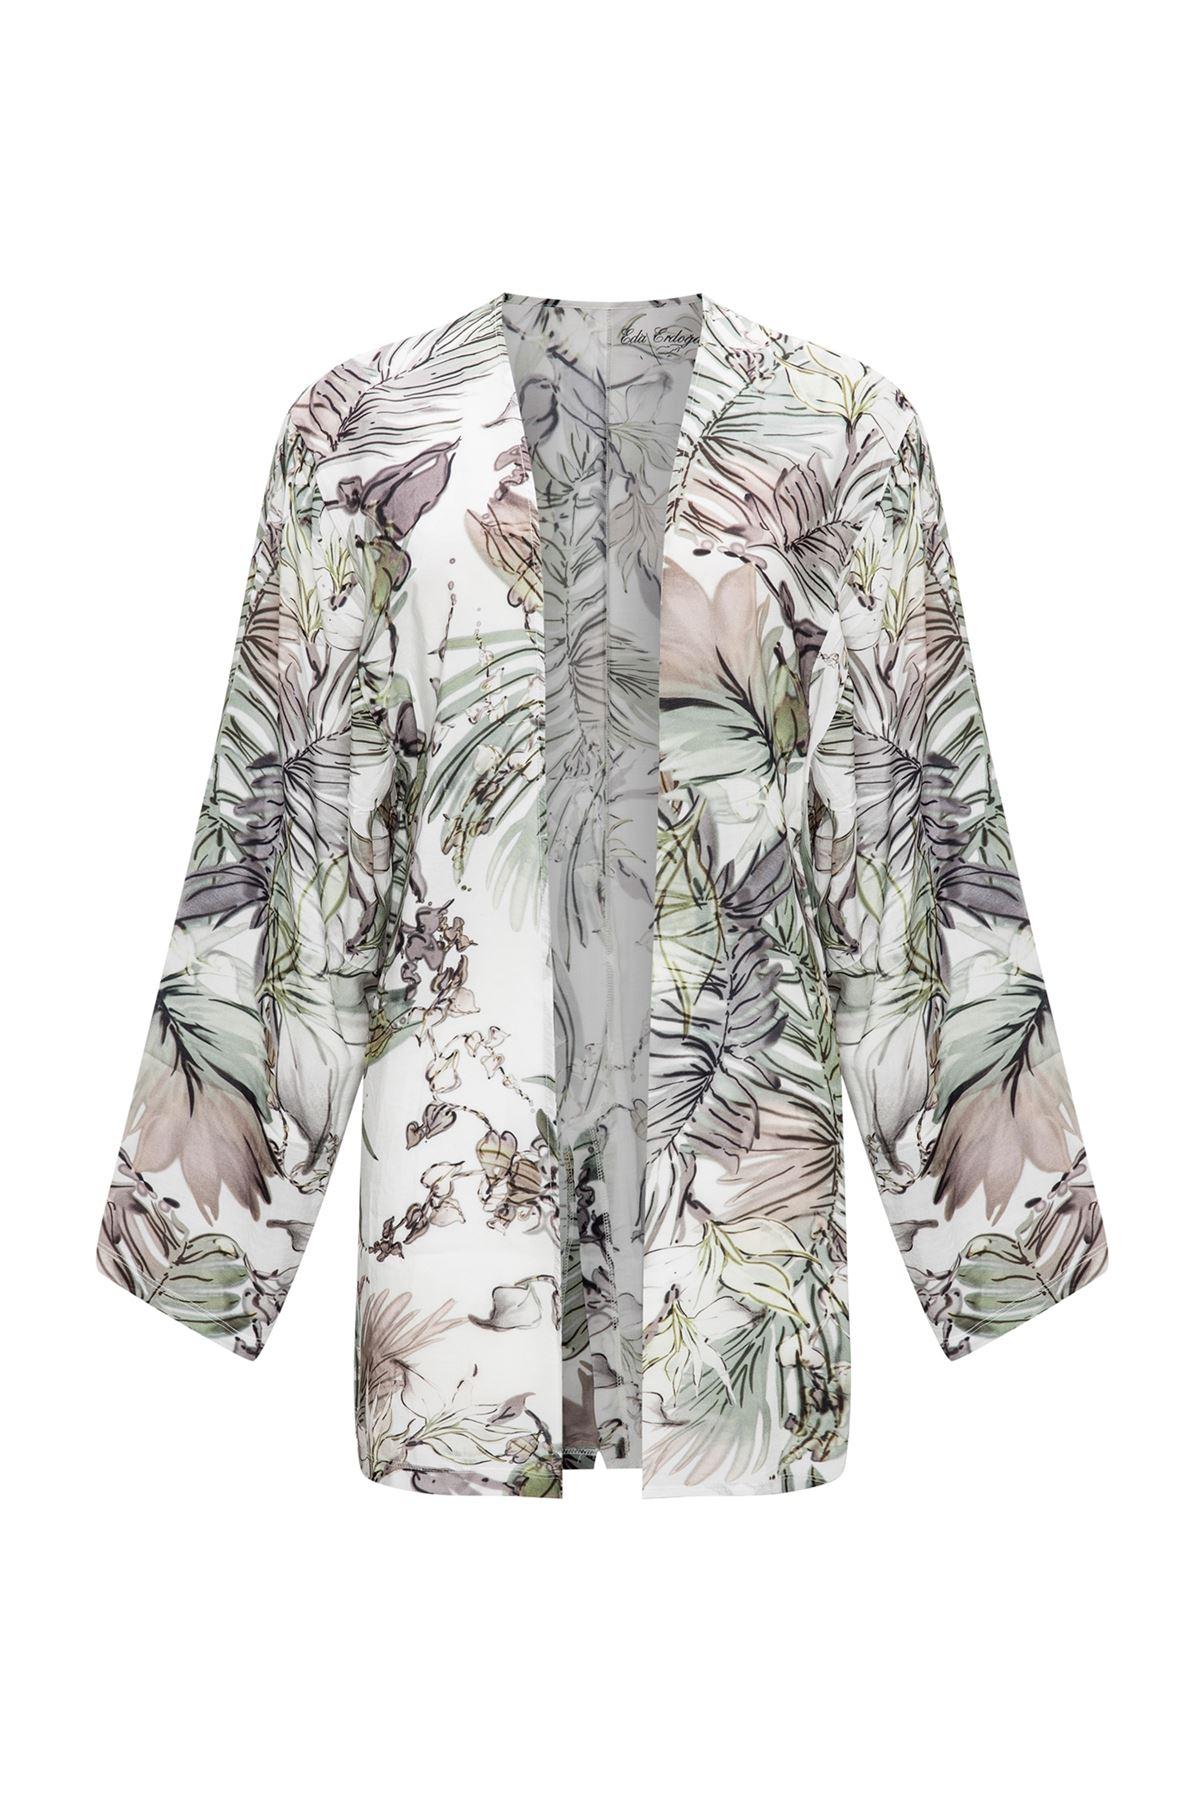 Beyaz Üzeri Çiçekli Kısa Kimono